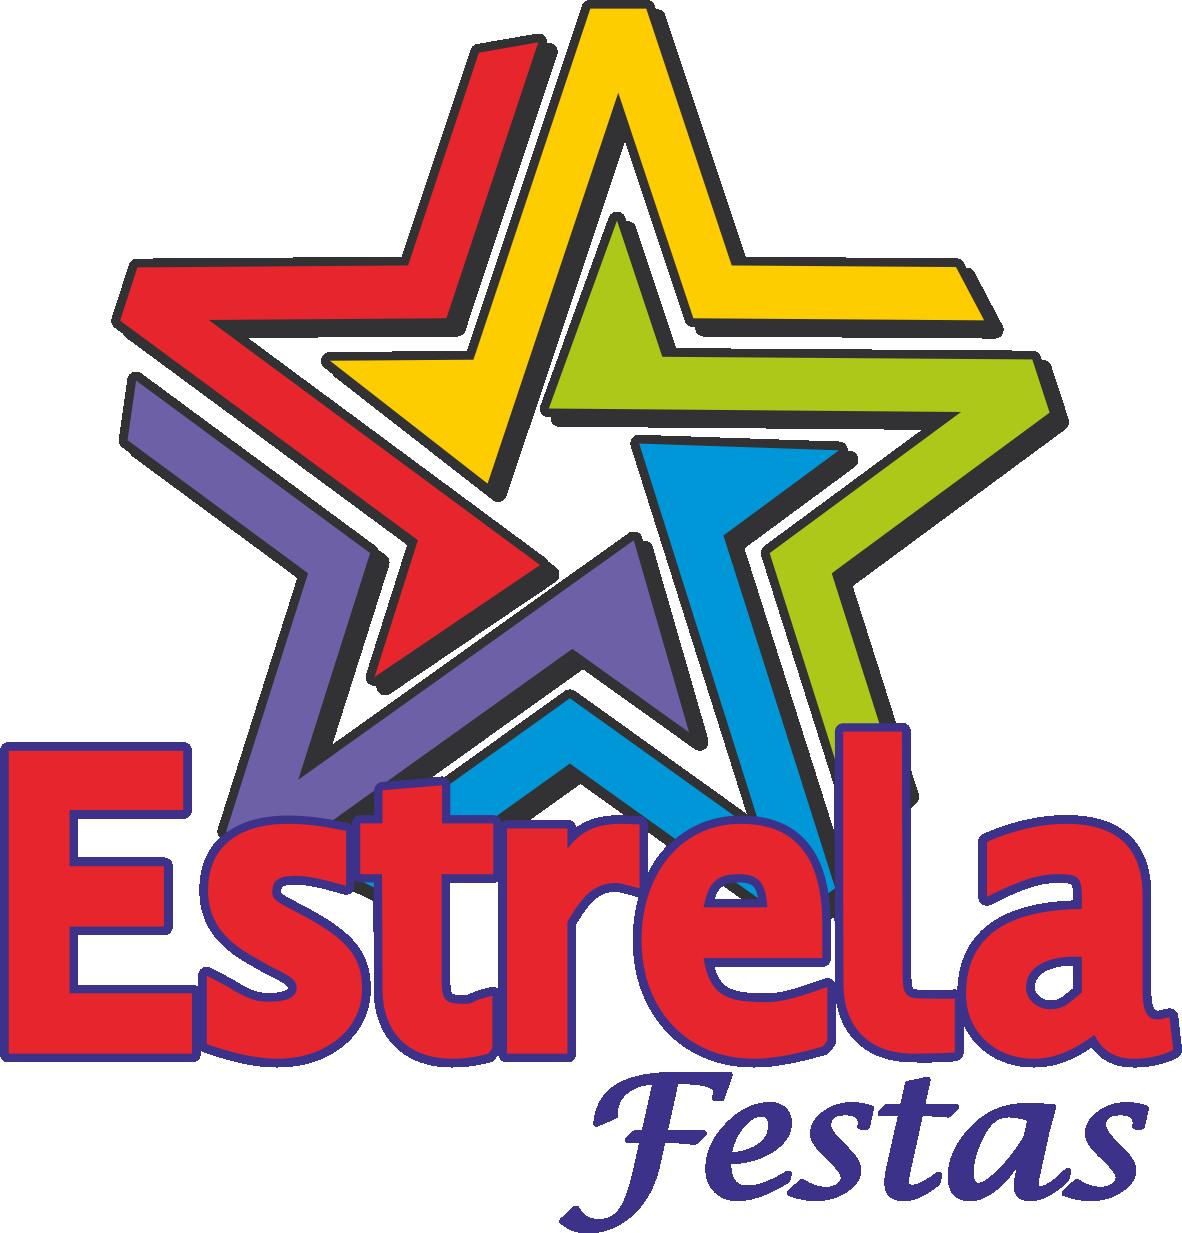 Estrela Festas